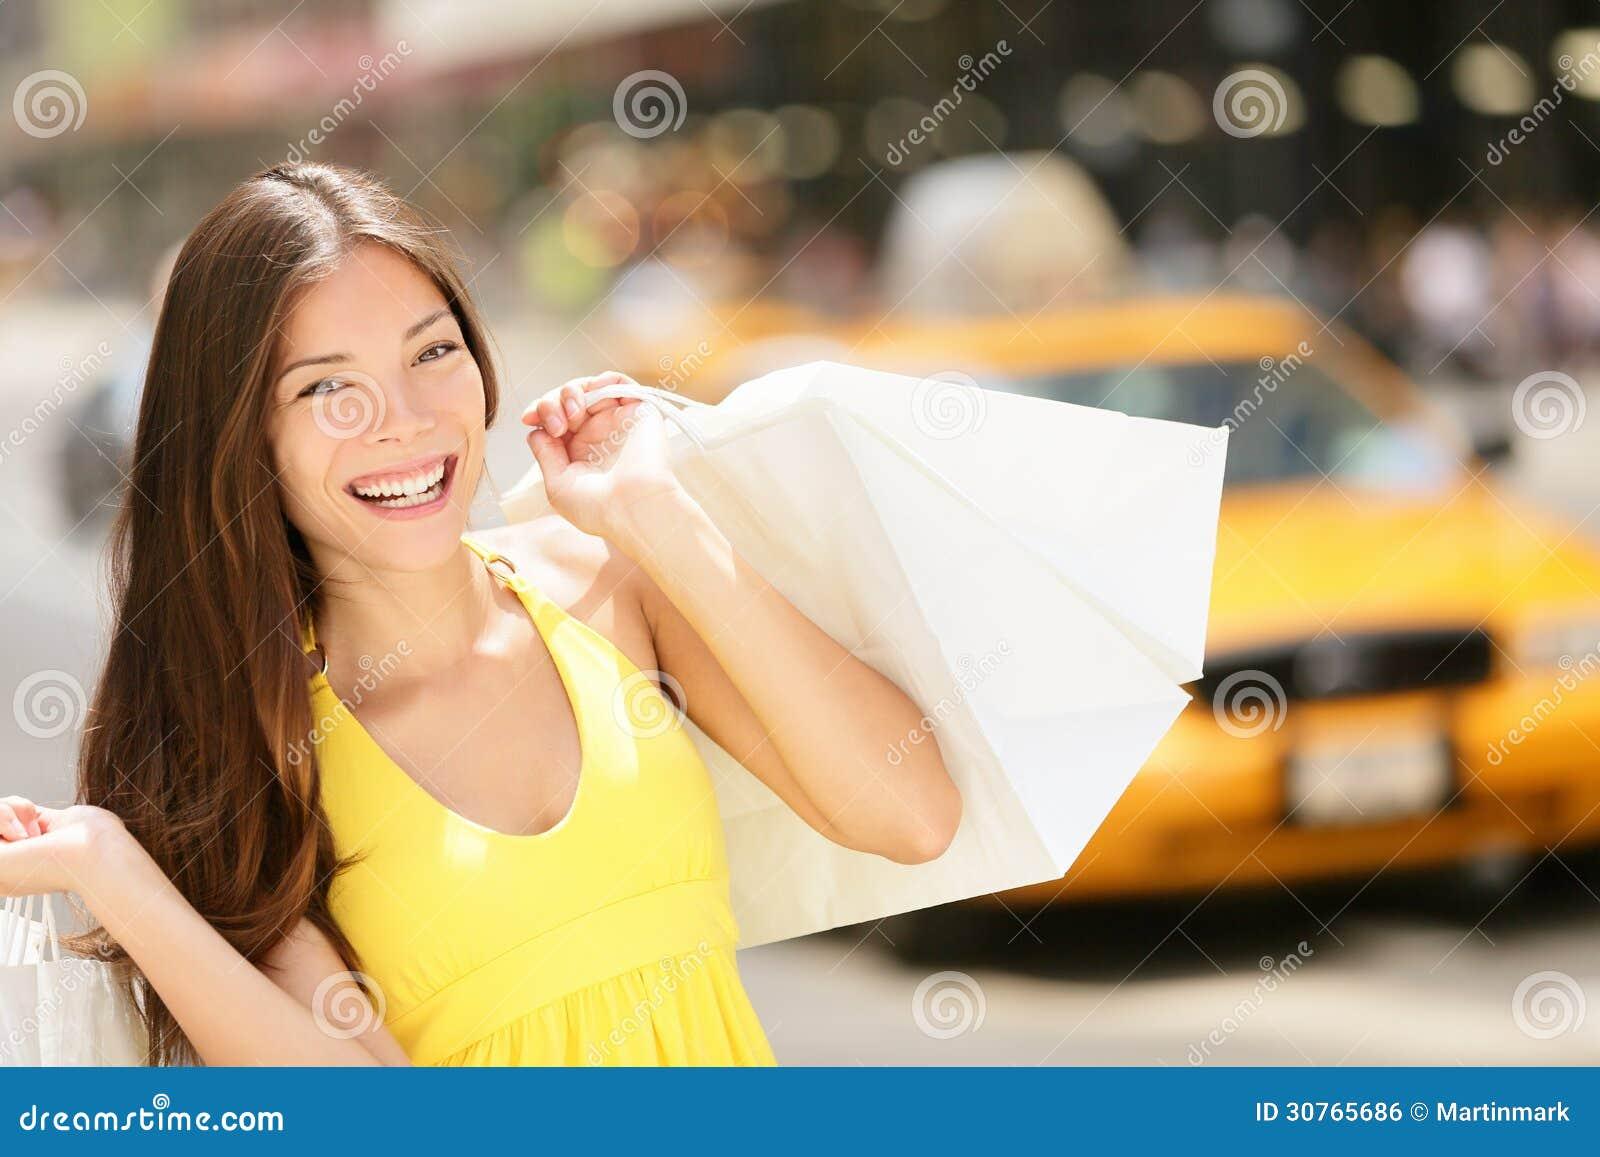 Ευτυχείς τσάντες αγορών εκμετάλλευσης αγοραστών, πόλη της Νέας Υόρκης